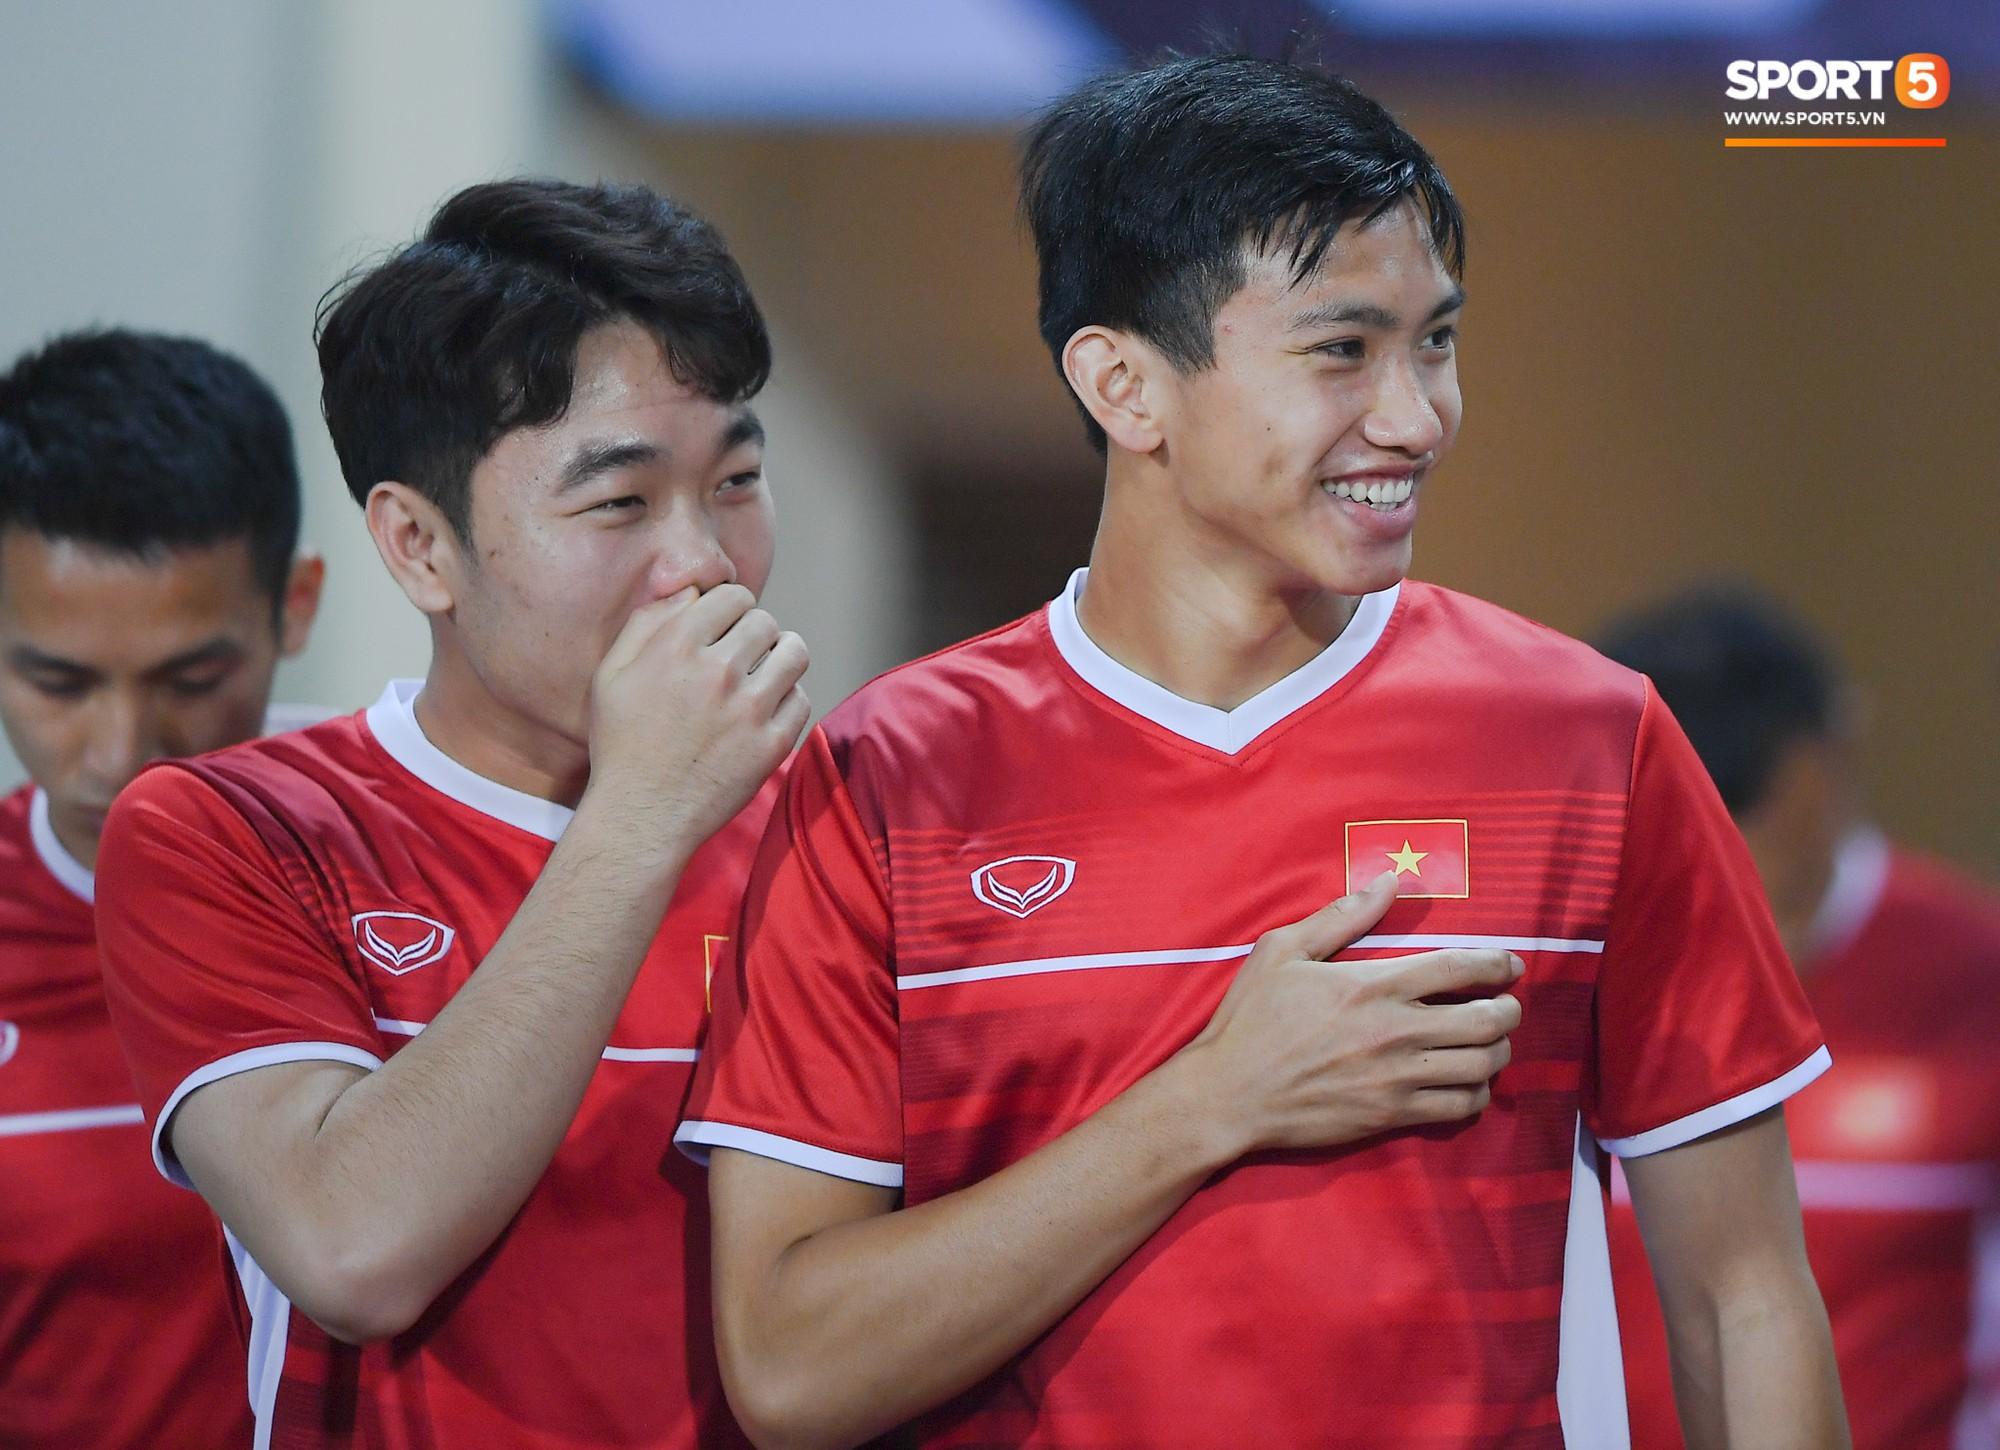 Không chỉ Văn Toàn vui vẻ, các tuyển thủ khác như Xuân Trường, Văn Hậu cũng thoải mái tươi cười trong buổi tập.